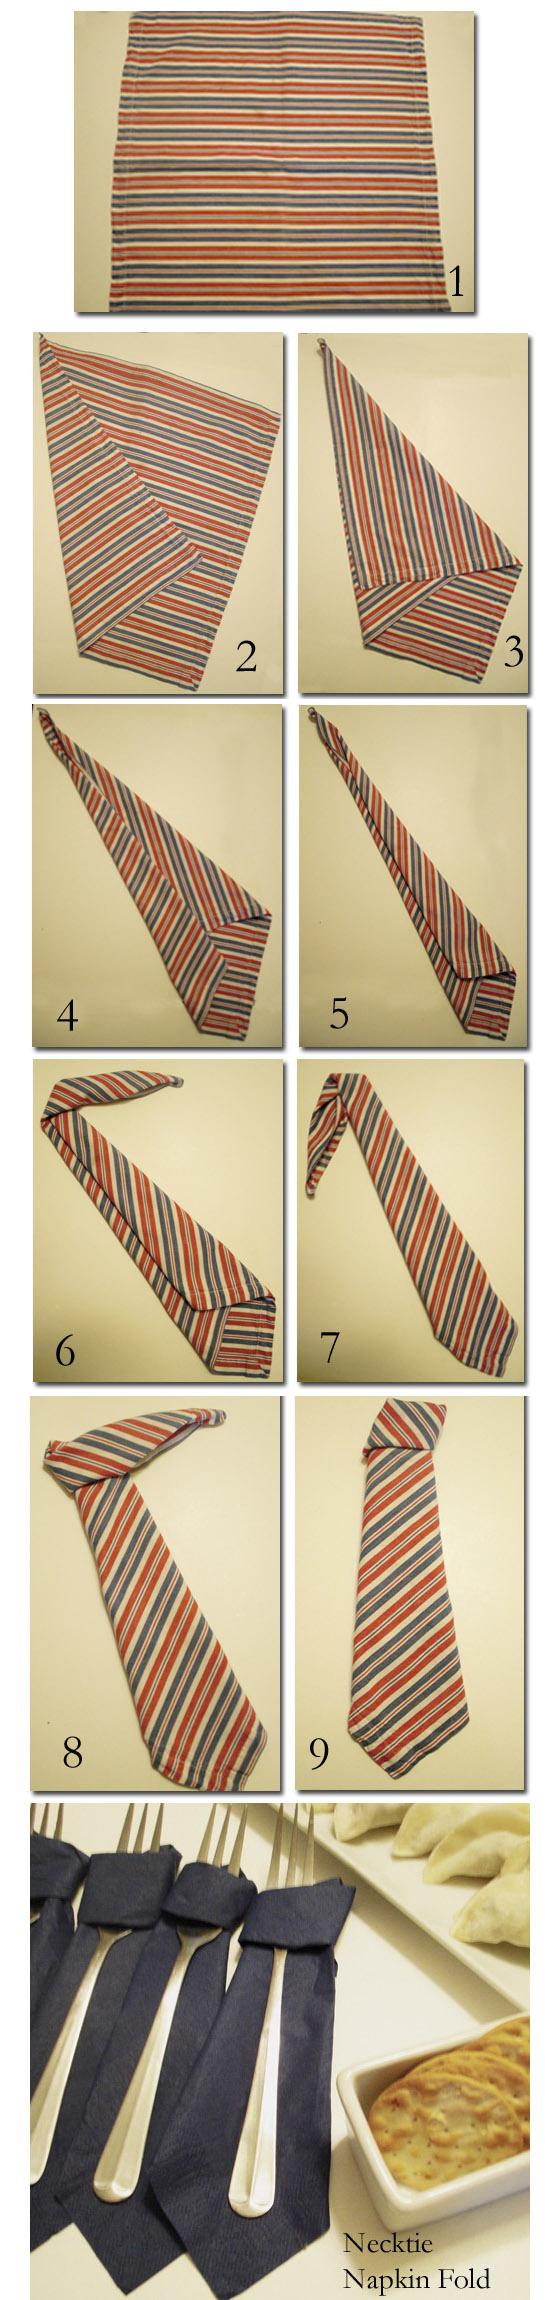 Pentru Revelion: Tehnici geniale de impaturire a servetelelor - Poza 17